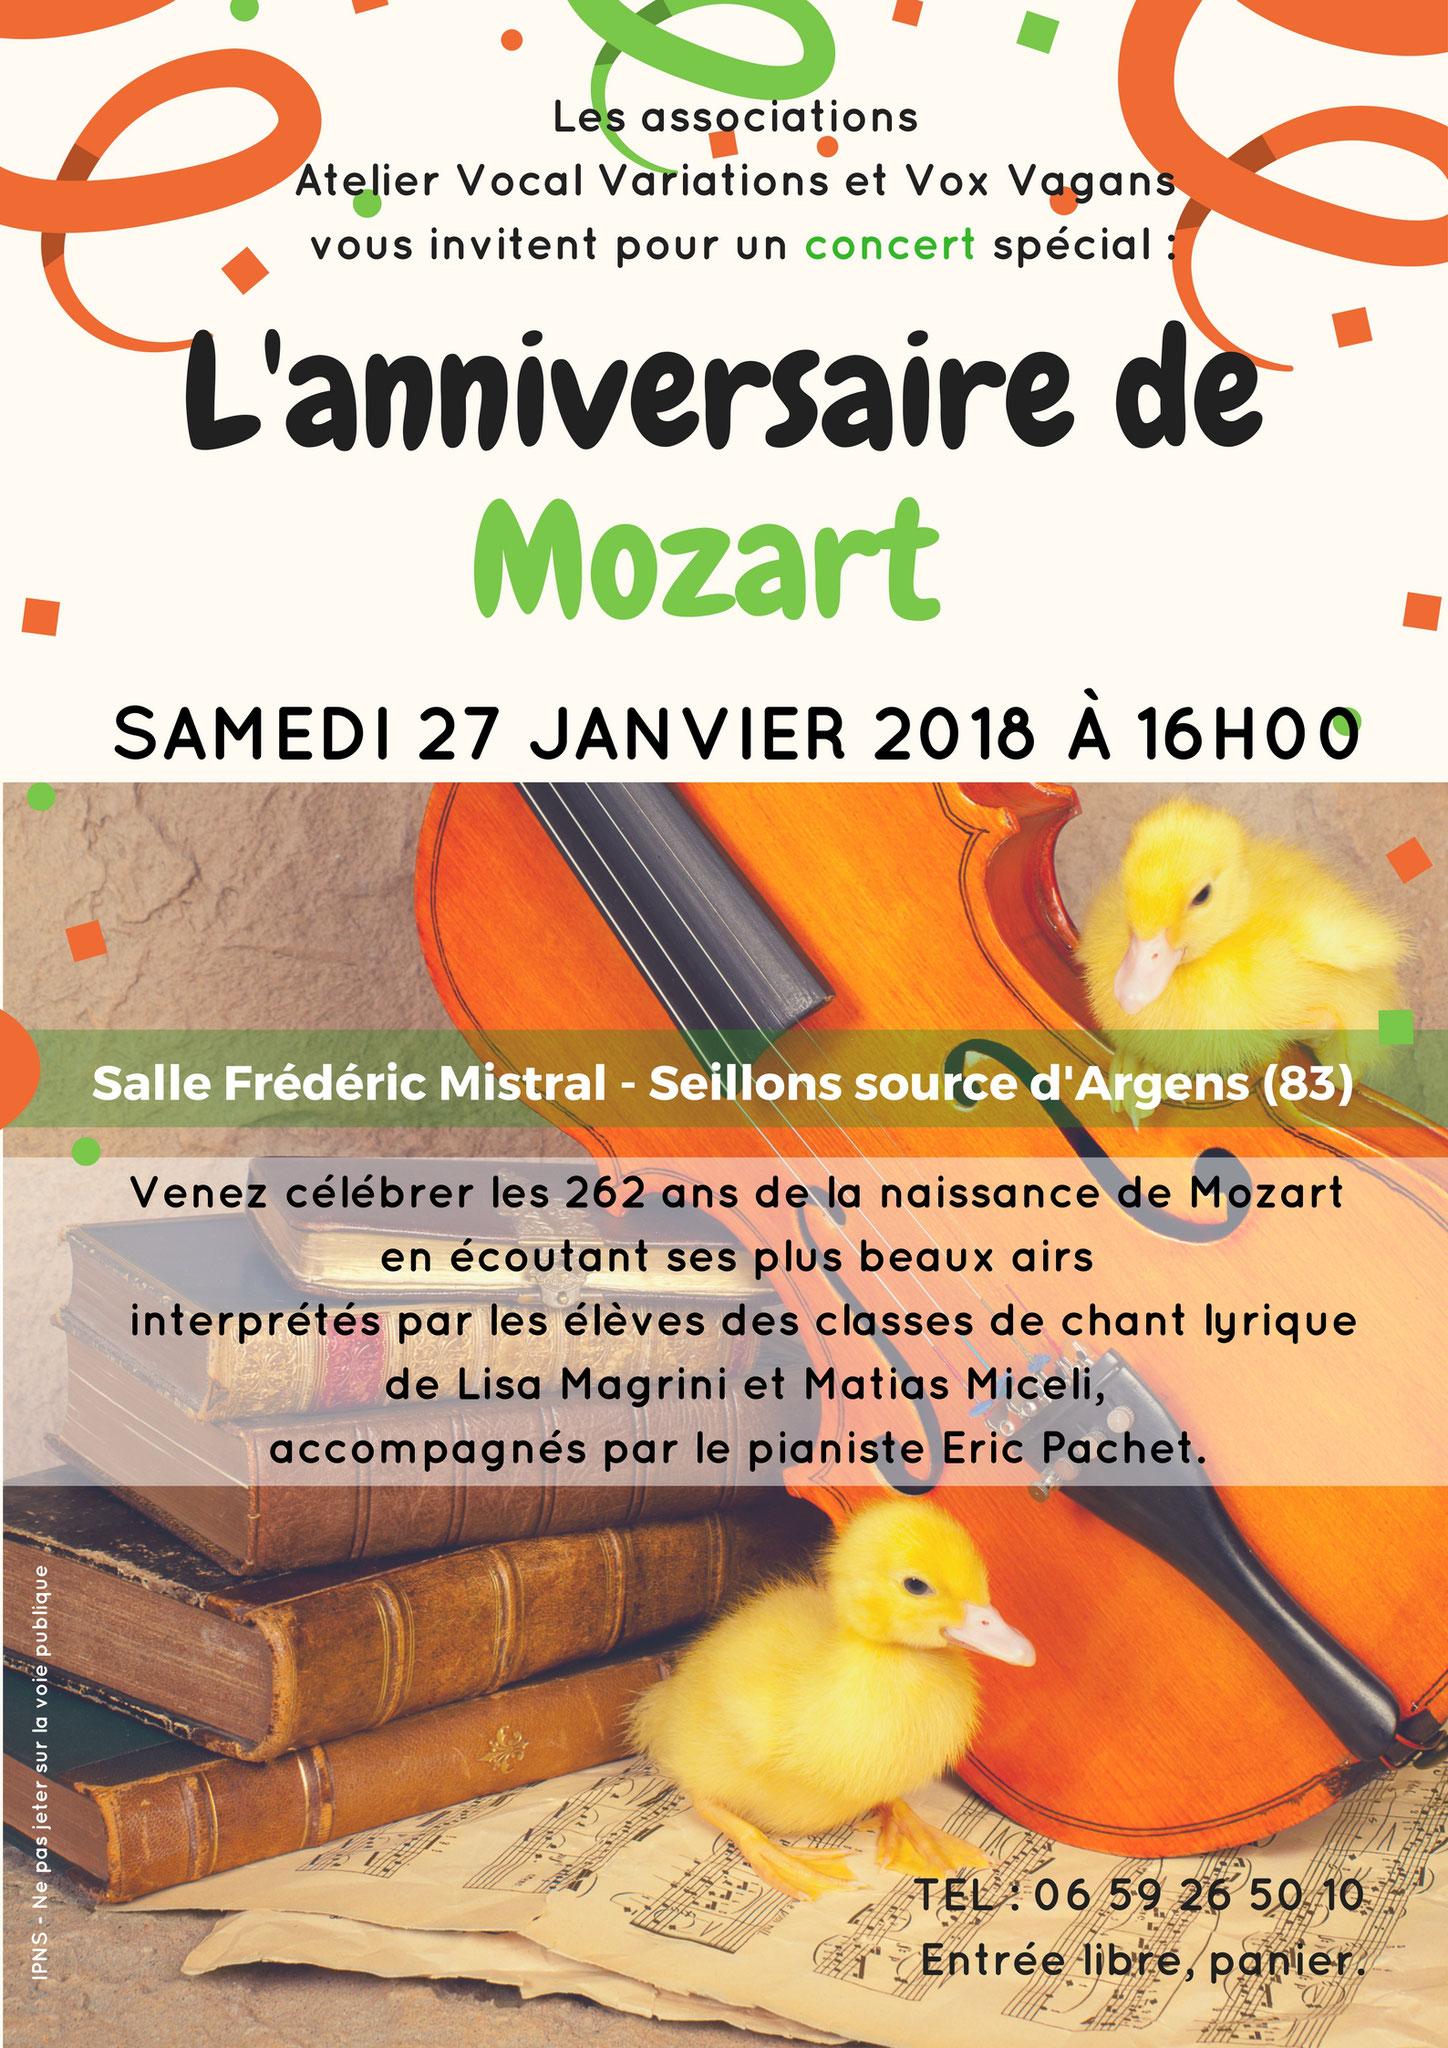 Concert lyrique, Mozart à l'honneur